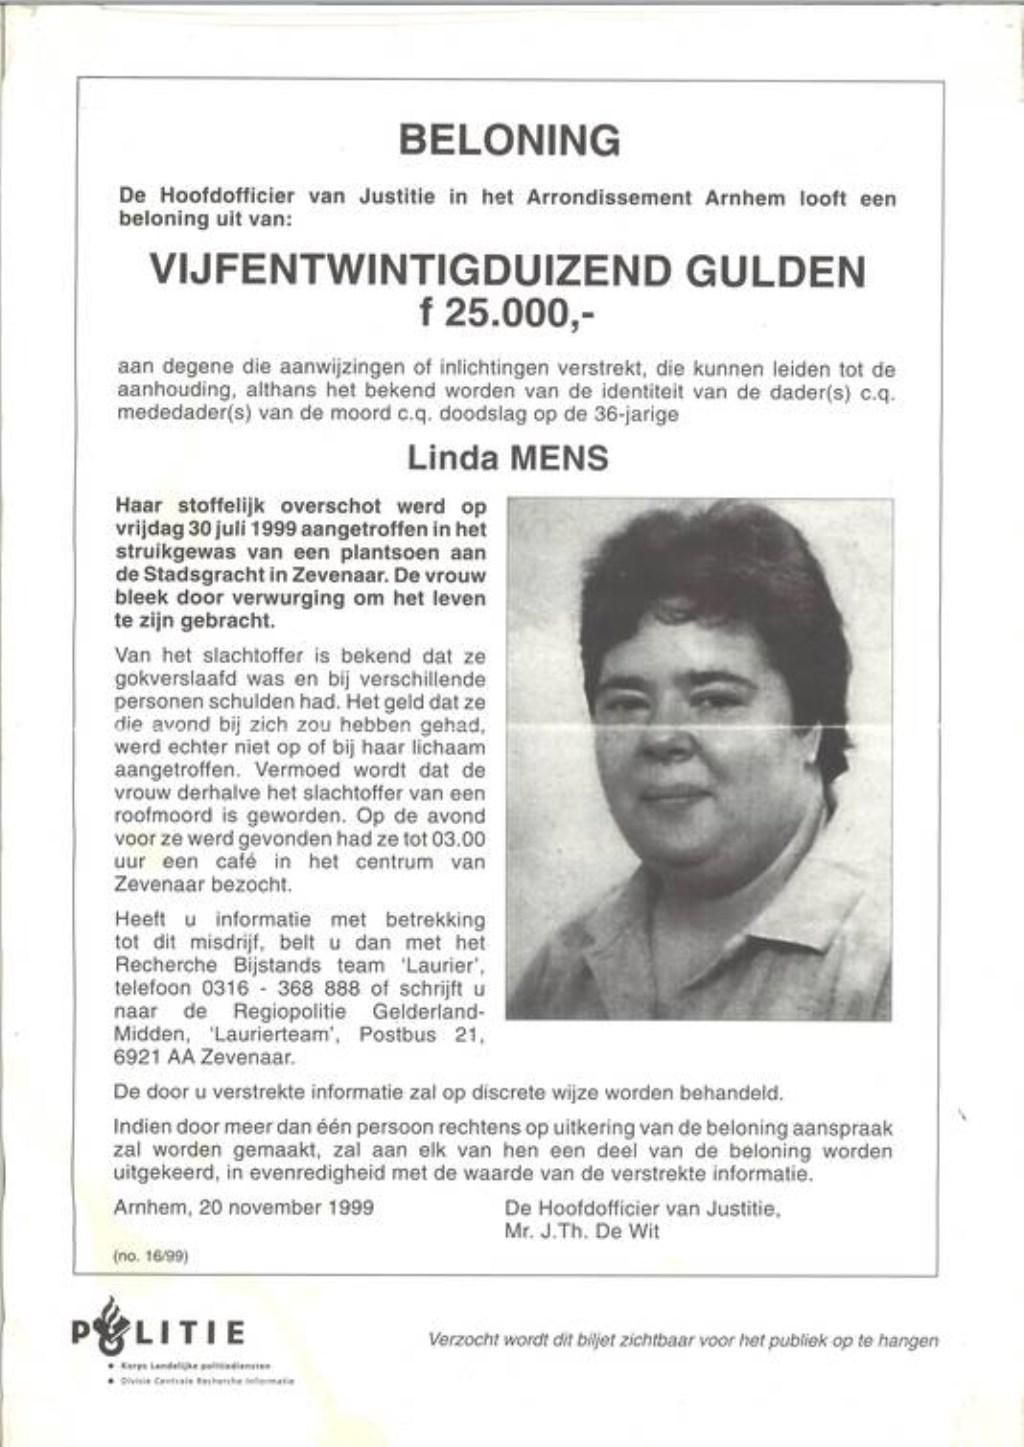 In 1999 werd met deze poster een oproep gedaan voor getuigen. De toenmalige beloning is inmiddels verhoogd. (foto: Politie)  © DPG Media